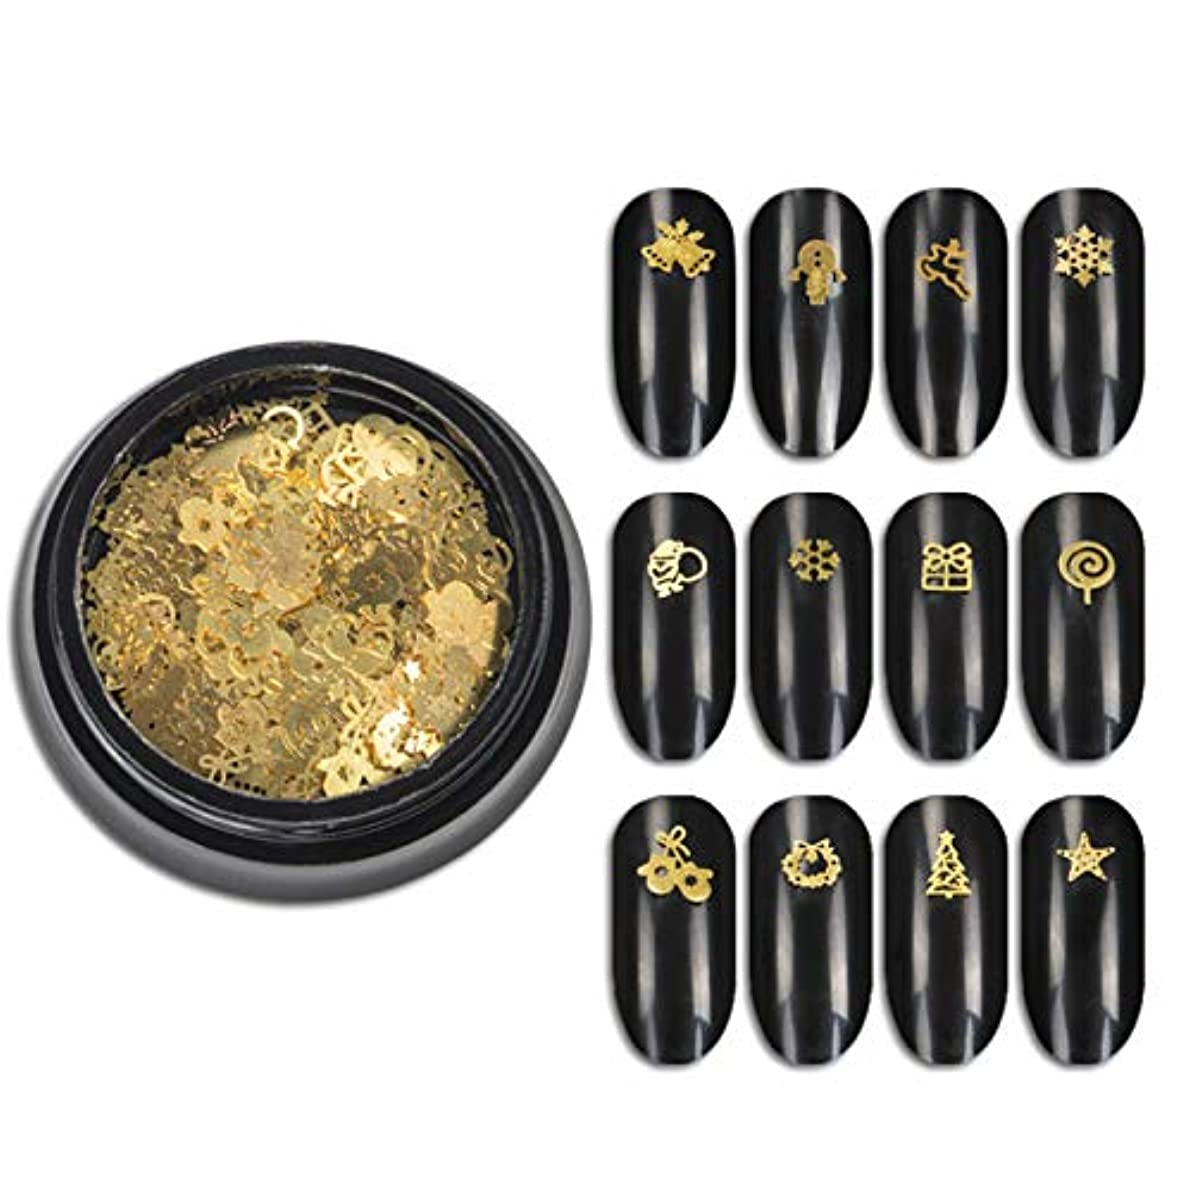 黒人キルト叫ぶ1ボトル3Dゴールドメタルスライスネイルアートデコレーションクリスマススノーフレークスターミックスデザイン中空チニーチップマニキュアアクセサリー